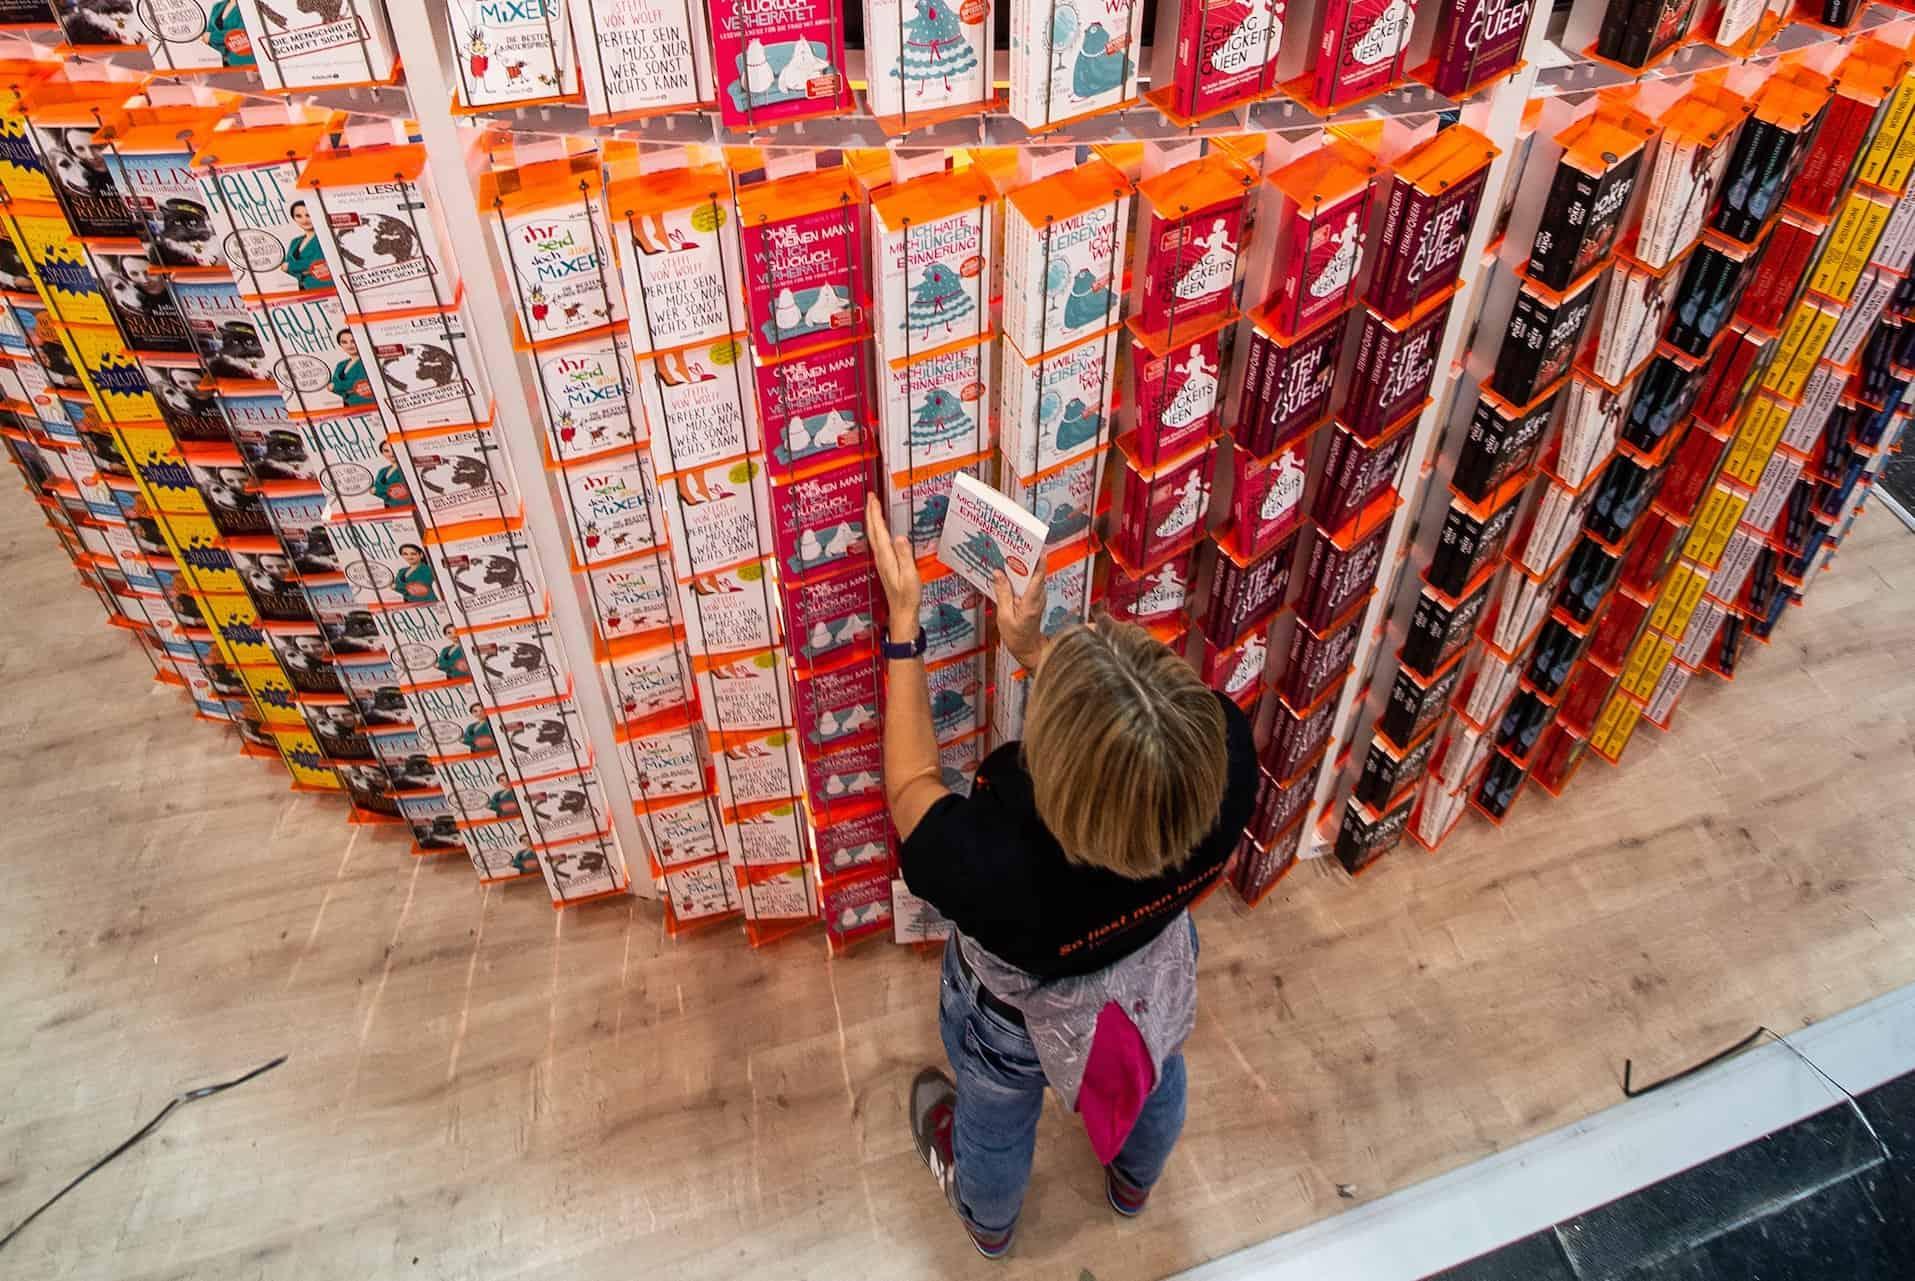 Eine Frau steht vor einem riesigen Bücherregal